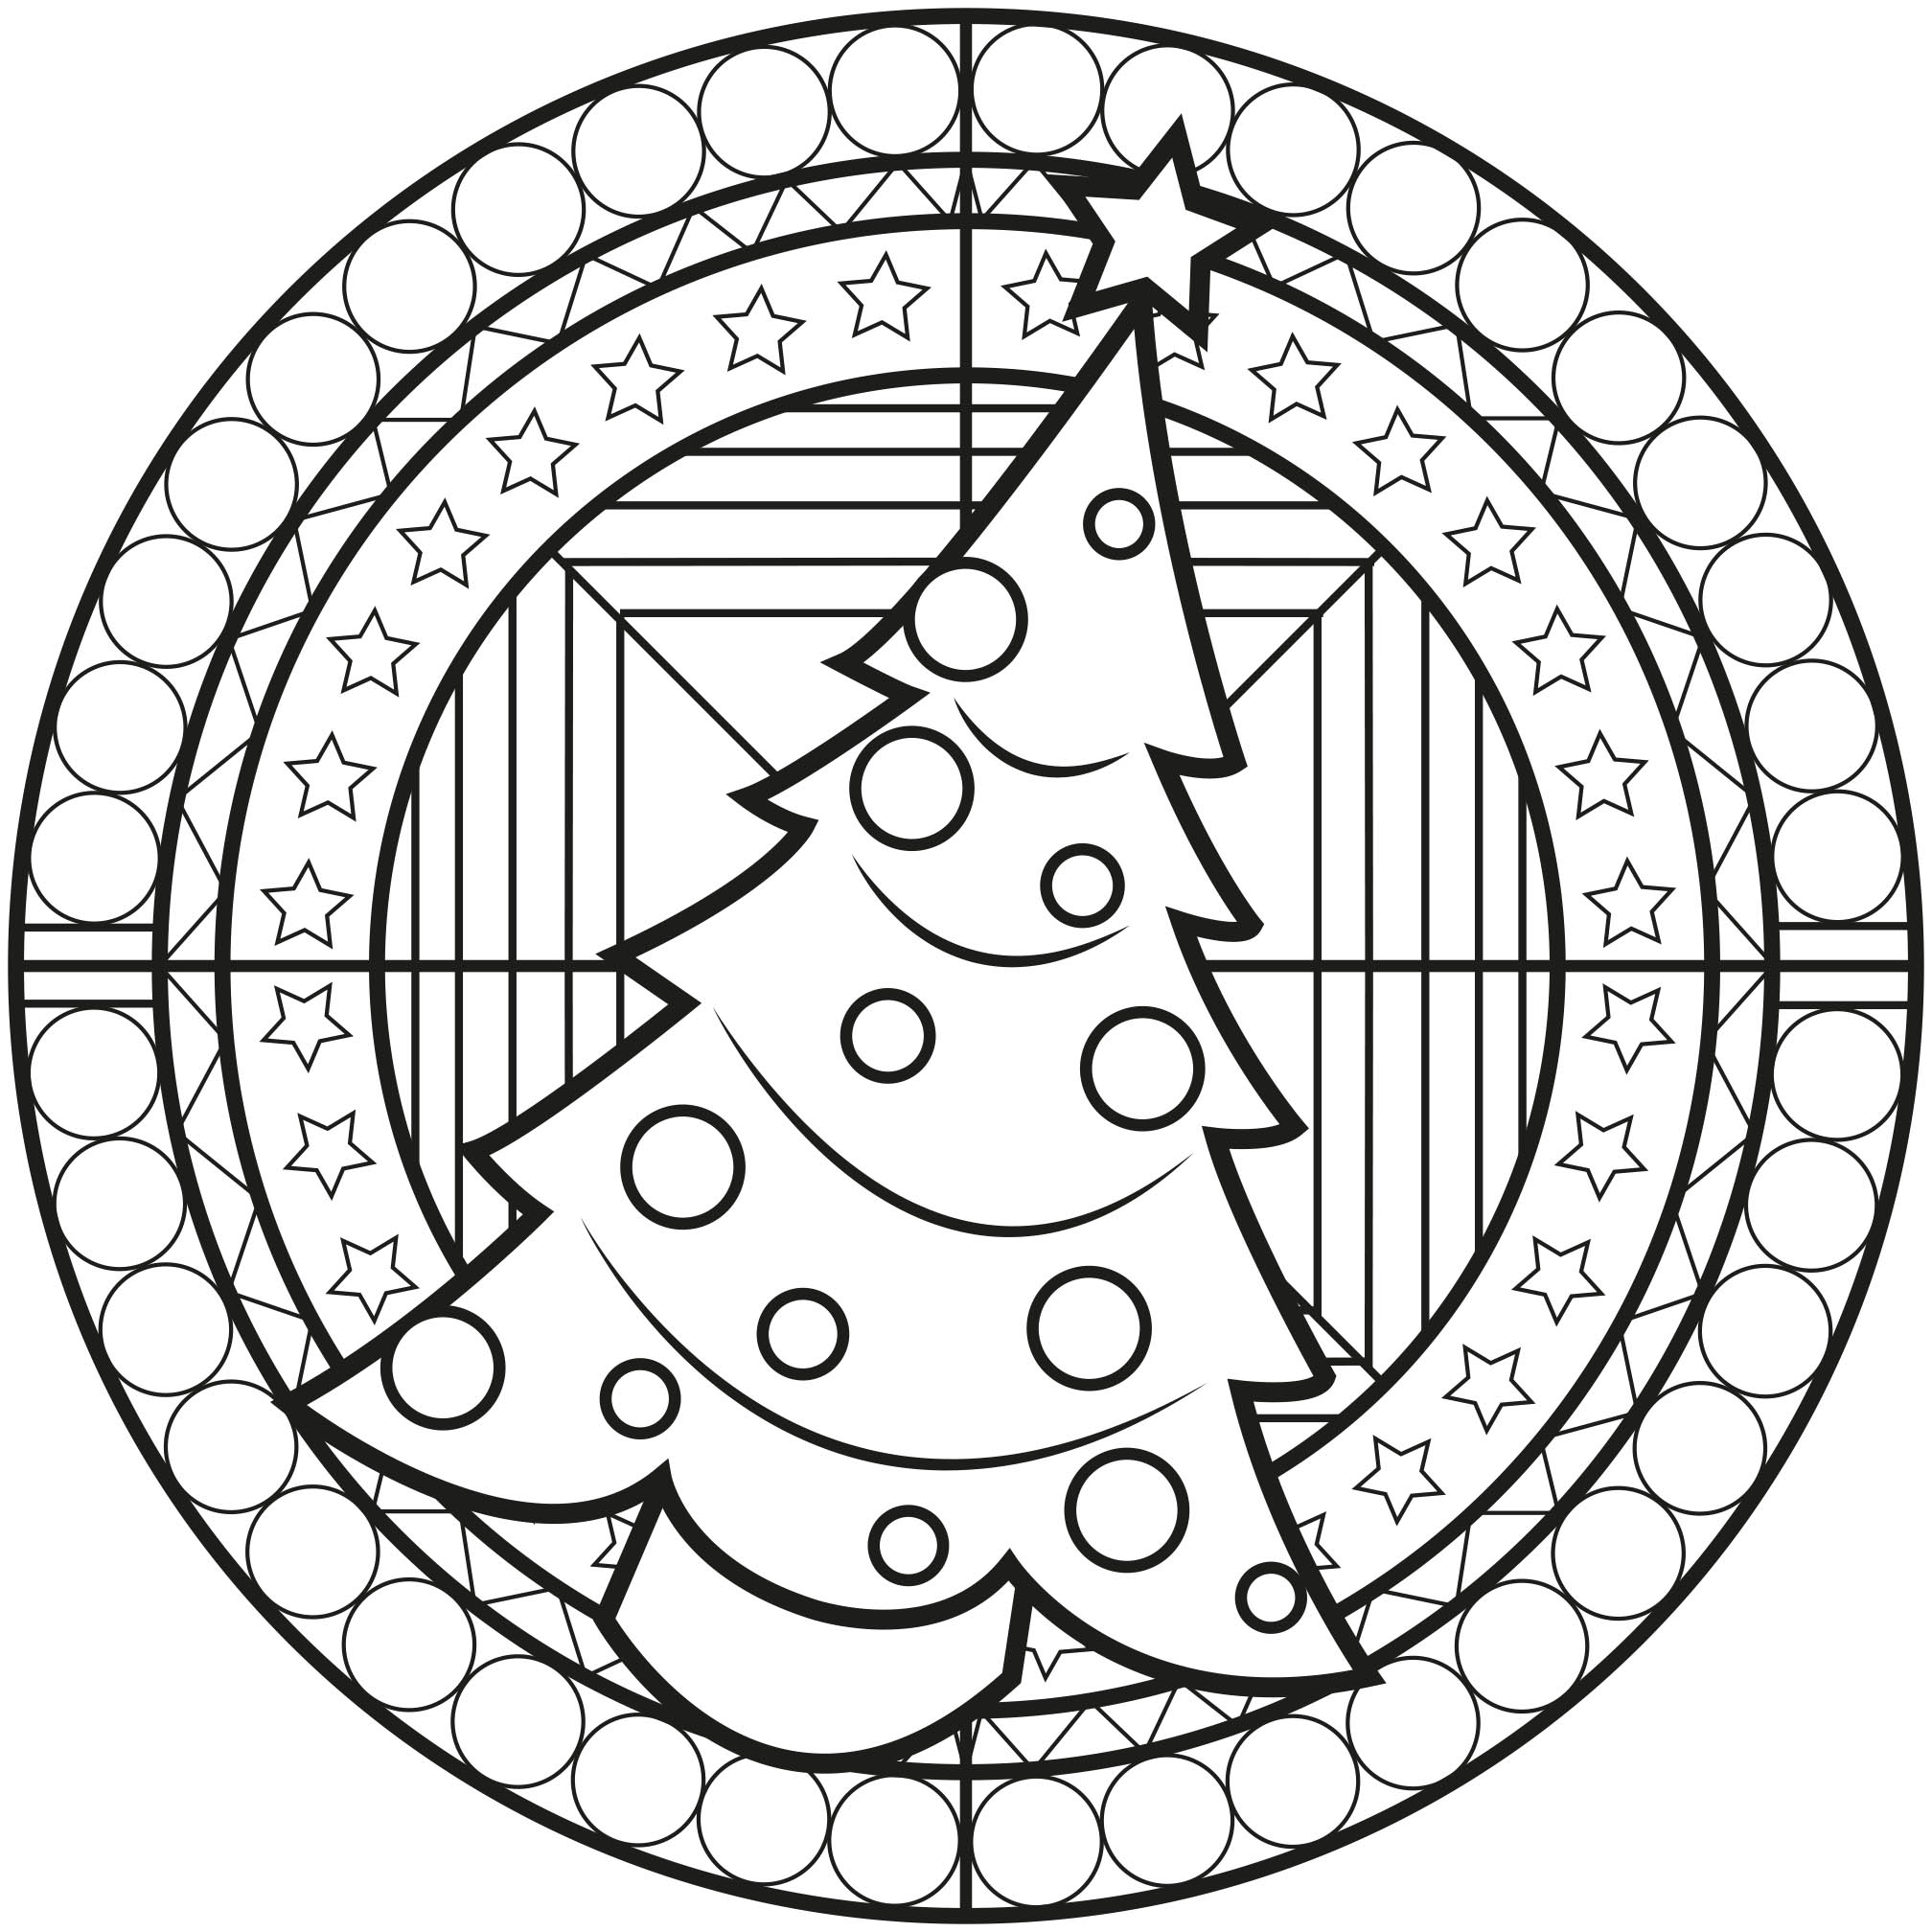 Christmas Tree Mandala - Simple Mandalas - 100% Mandalas ...